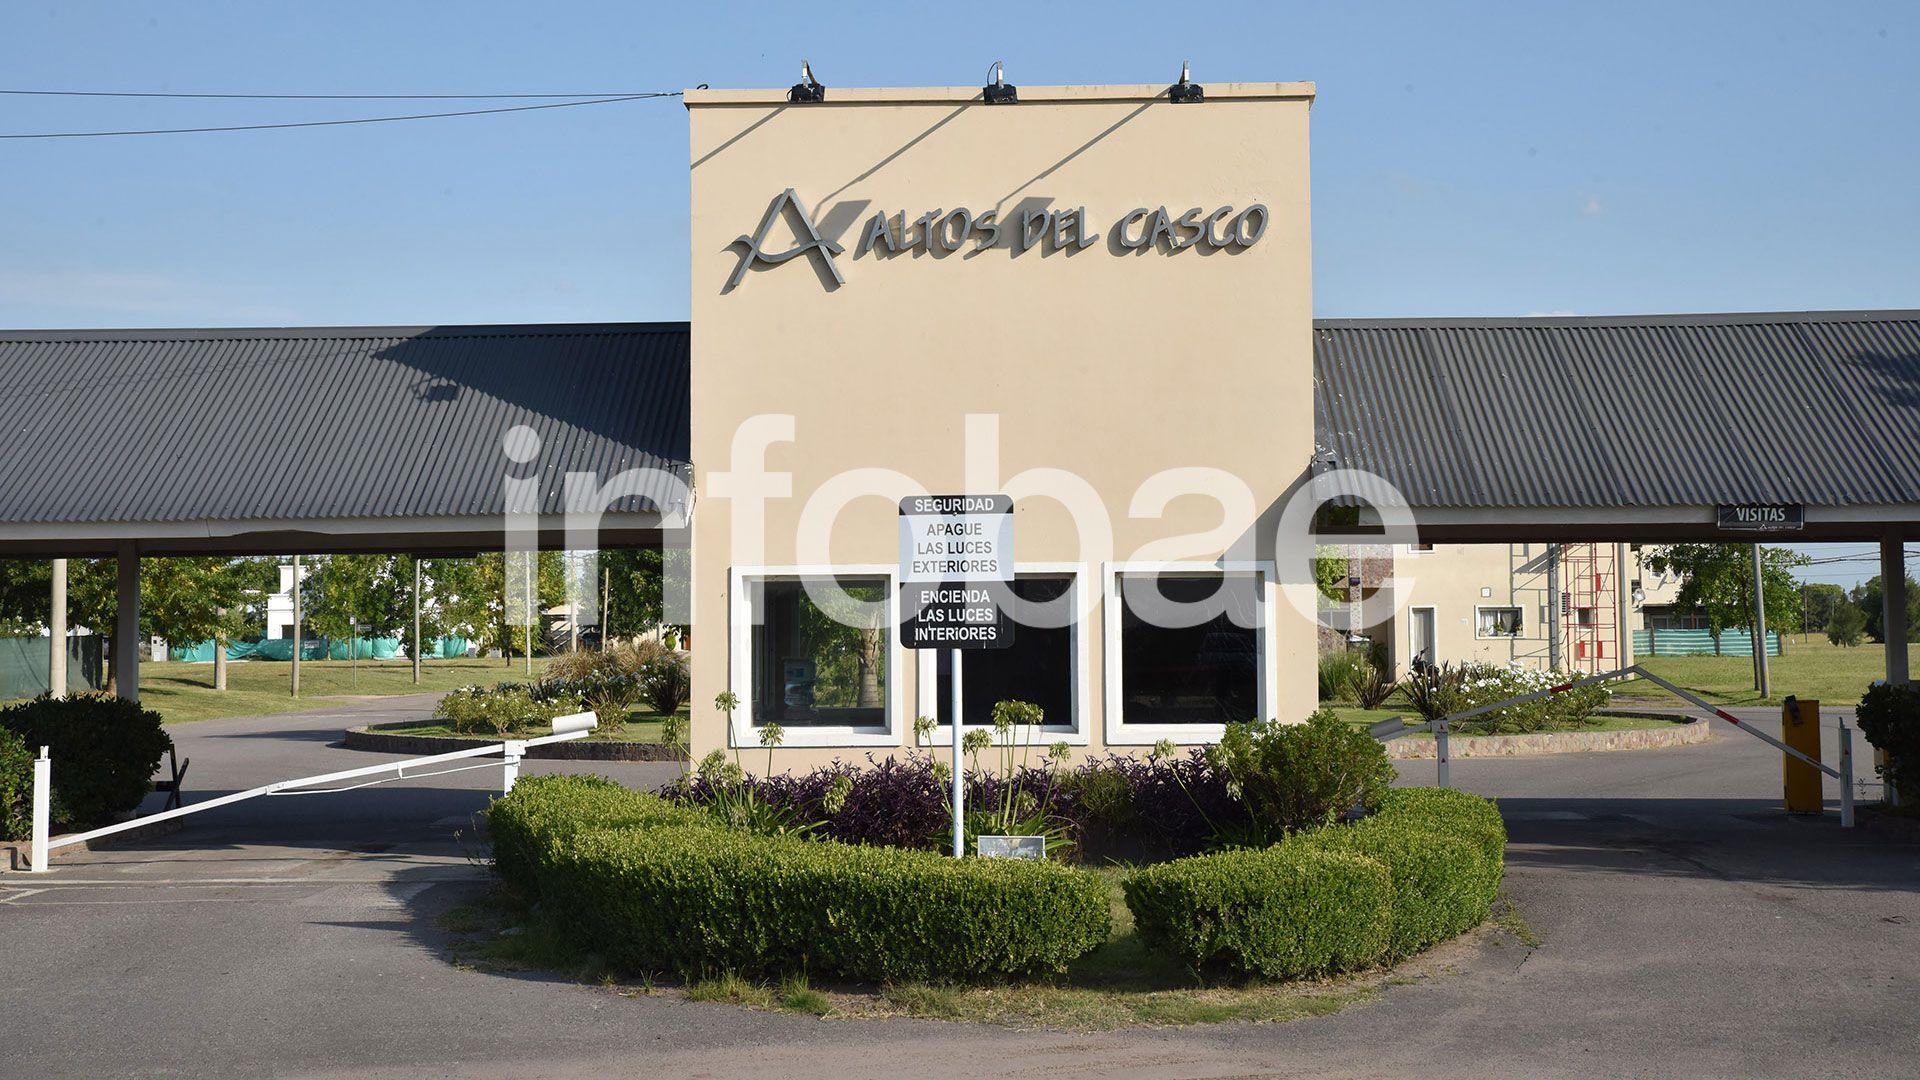 Altos del Cabo, el barrio donde vive la familia Guarino en las afueras de Zárate (Franco Fafasuli)